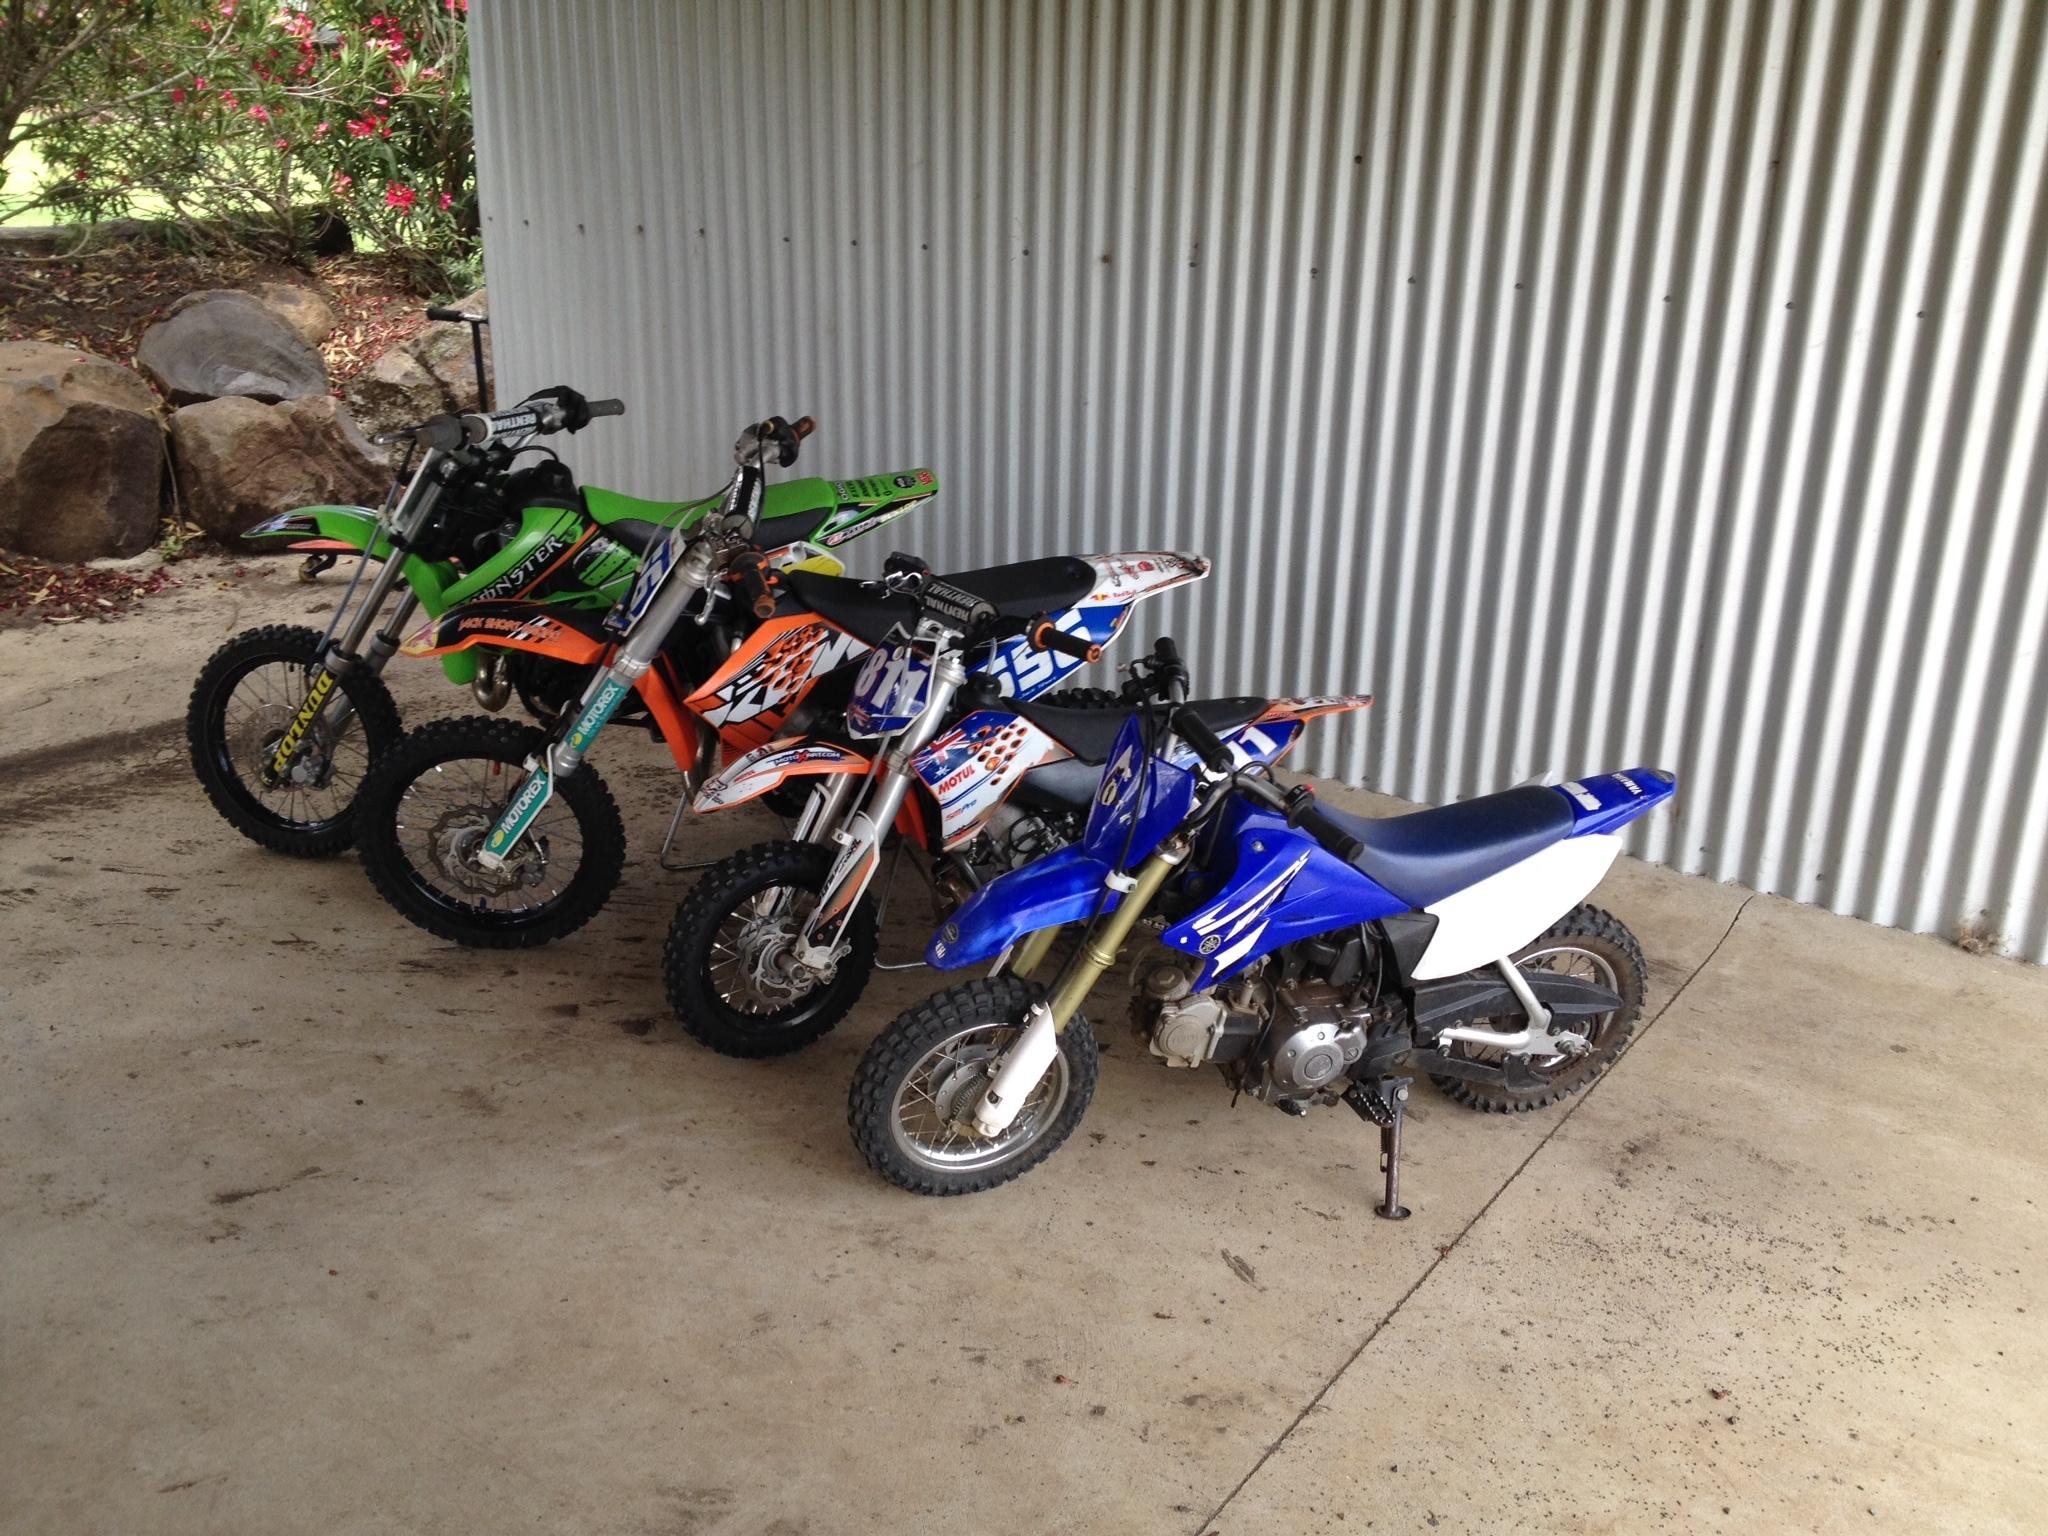 2011 Kawasaki KX 65 $3000 / 2013 KTM 65 $3500 / 2013 KTM mini SX $2000 / Yamaha TTR 50 $950 Ph: 0427 643 098